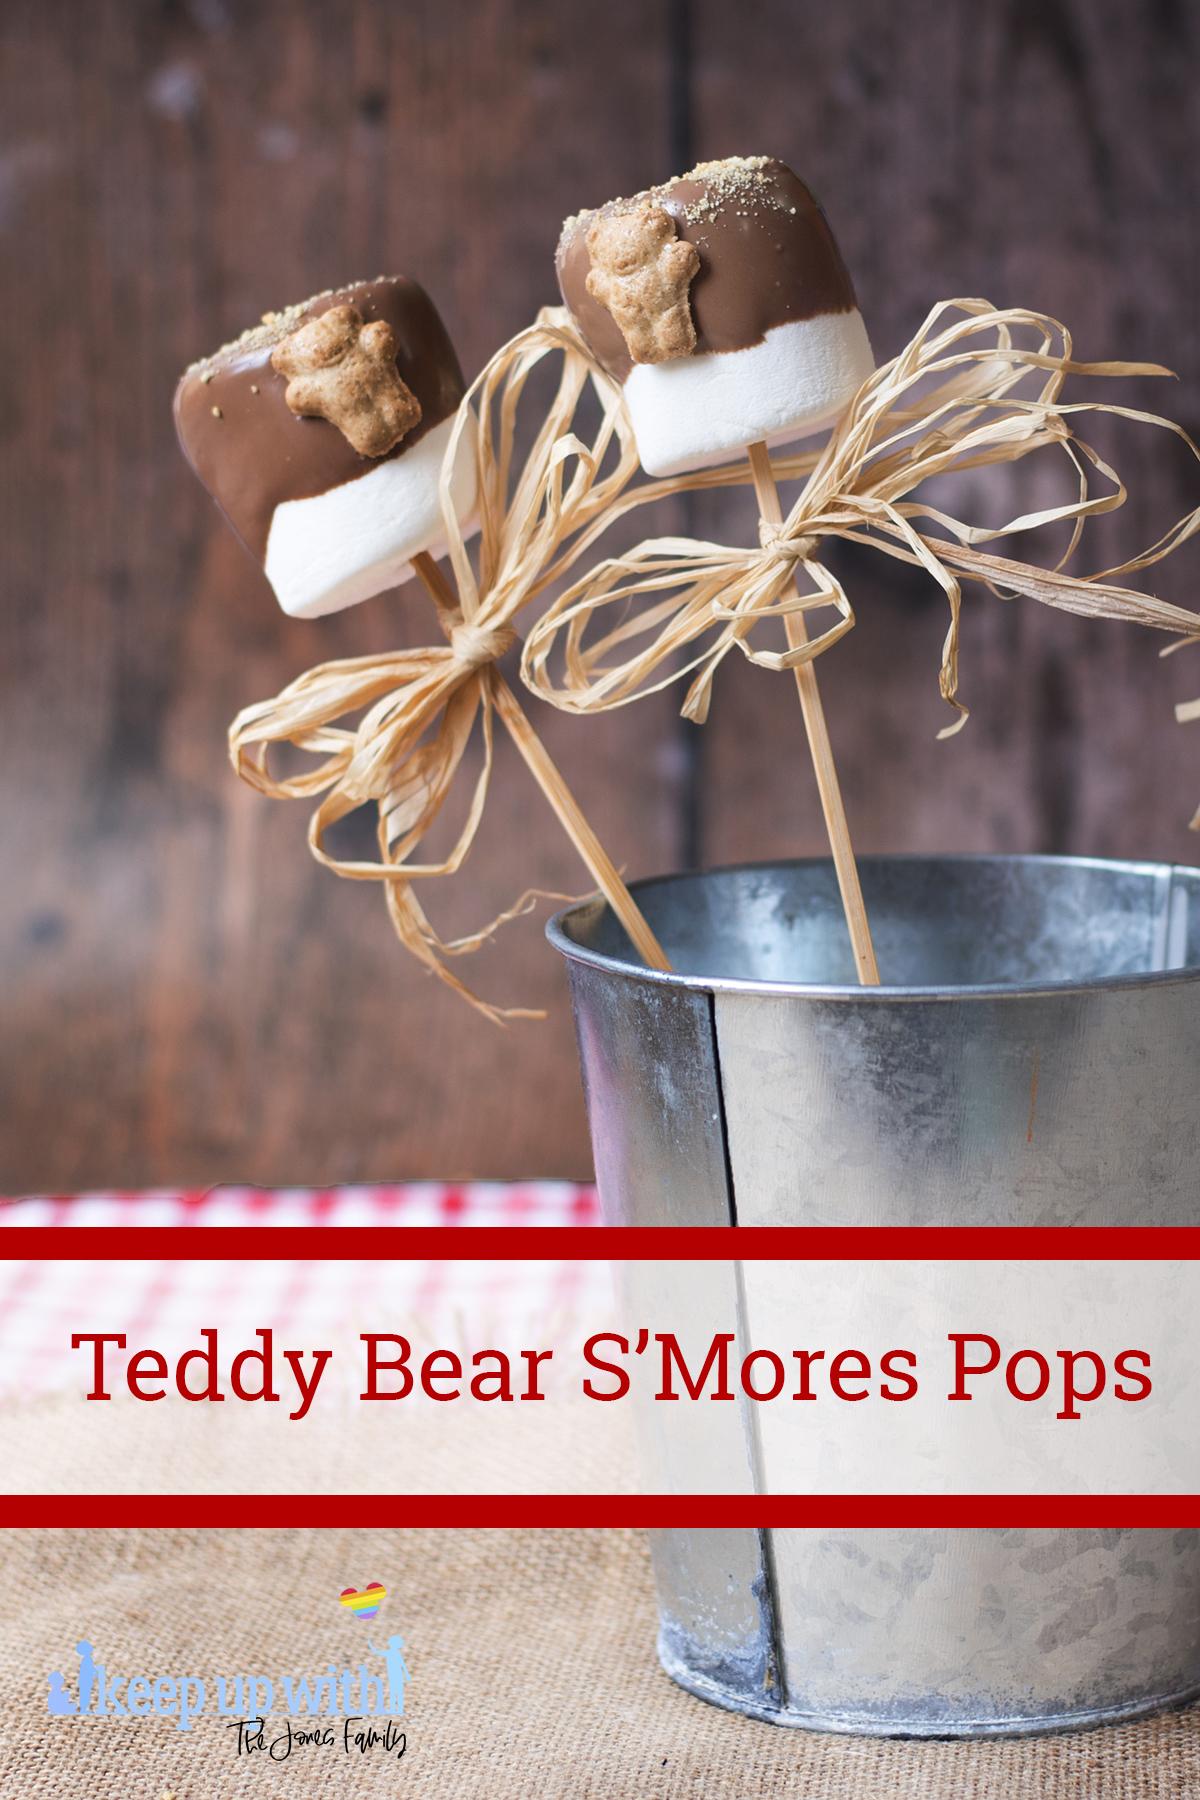 Teddy Bear S'More Pops